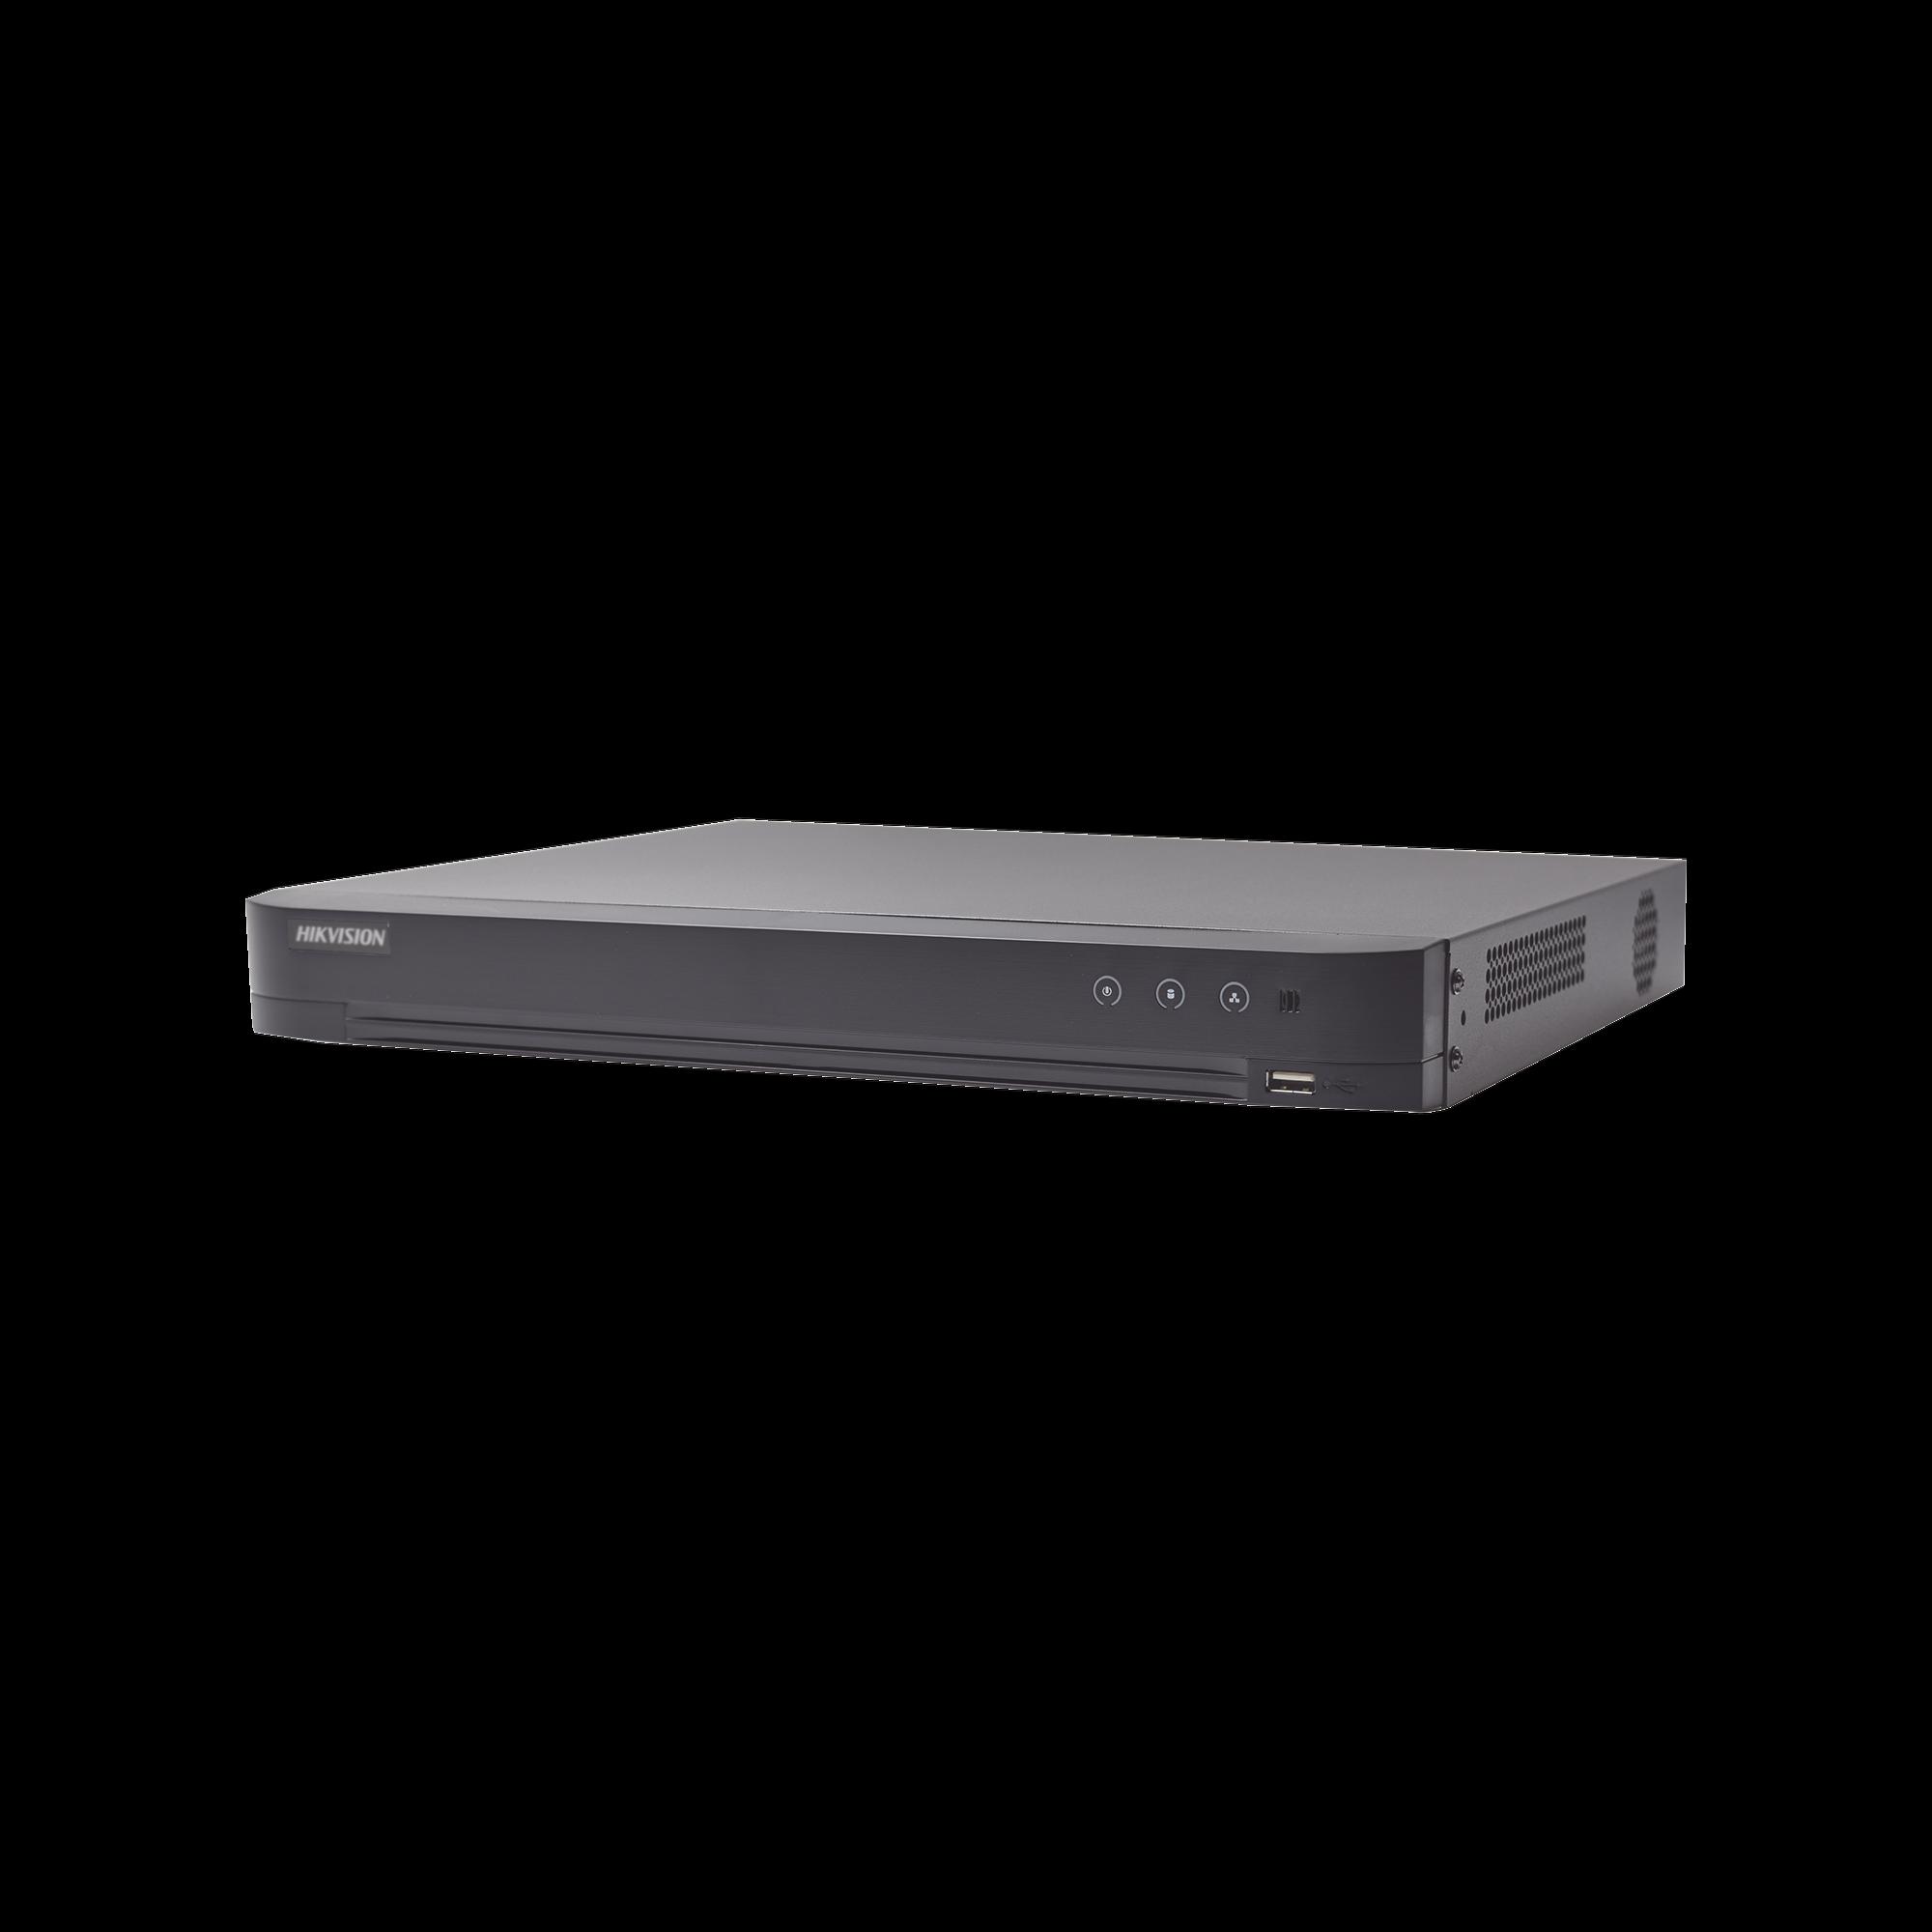 (ACUSENSE / Evita Falsas Alarmas) DVR 4 Megapixel / 16 Canales TURBOHD + 8 Canales IP / Detección de Rostros / 1 Bahía de Disco Duro / 16 Canales de Audio / Salida de Vídeo en Full HD